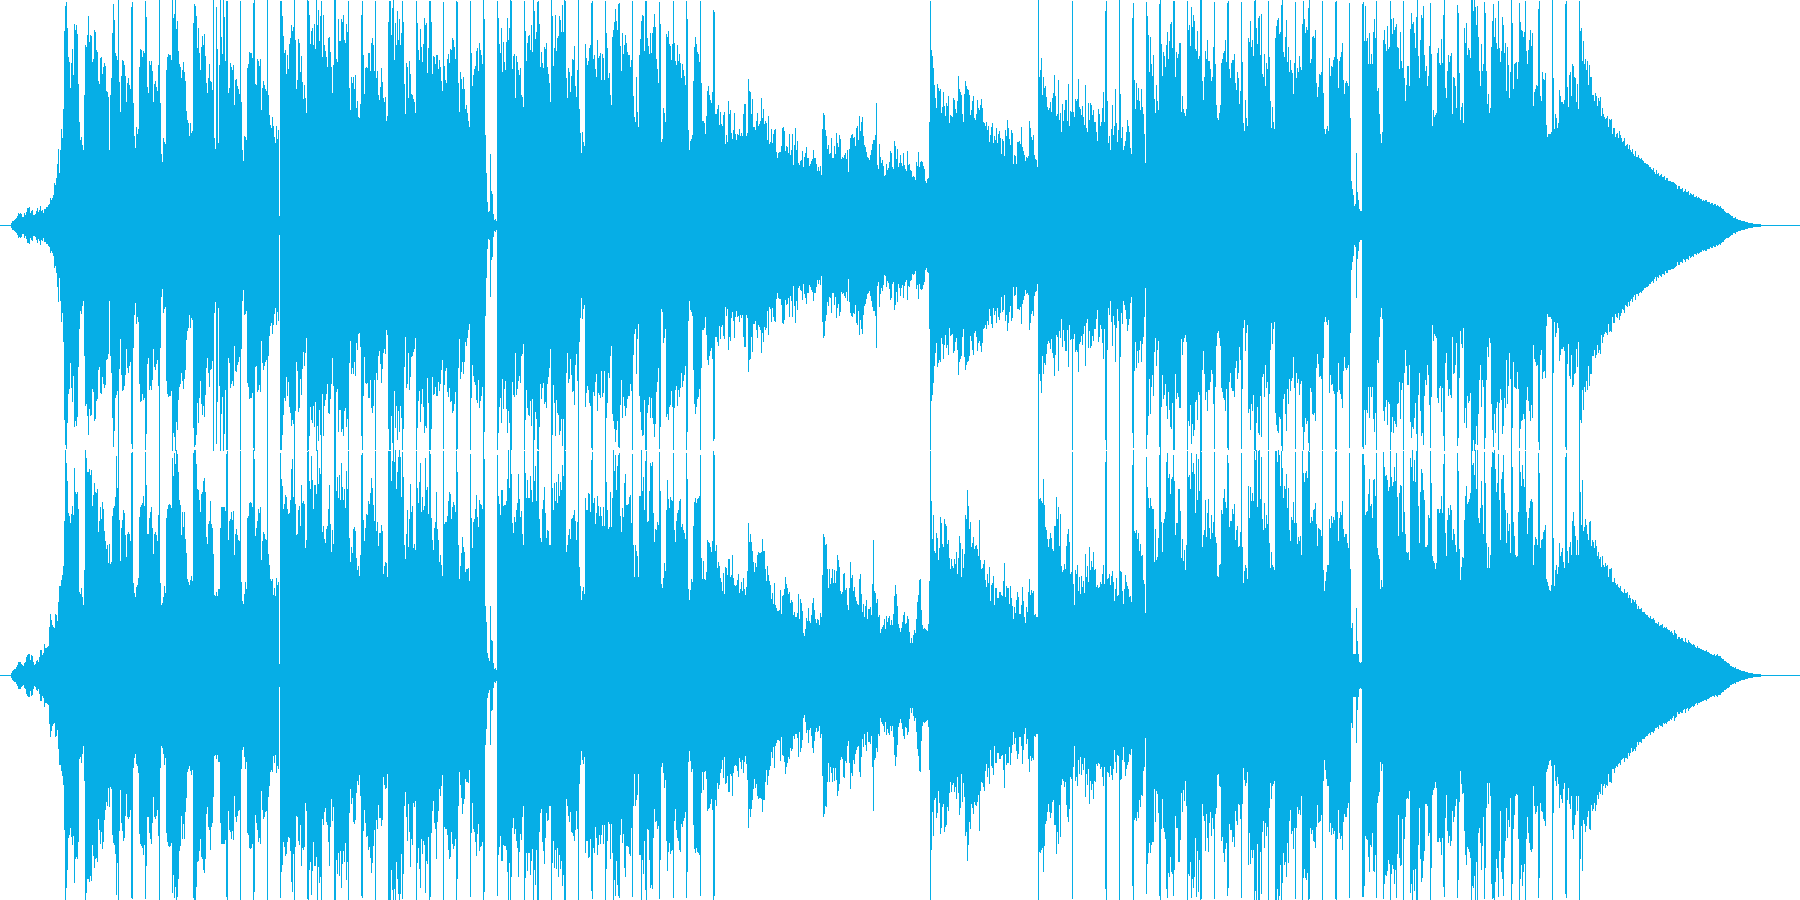 クールでシンプルな曲の再生済みの波形